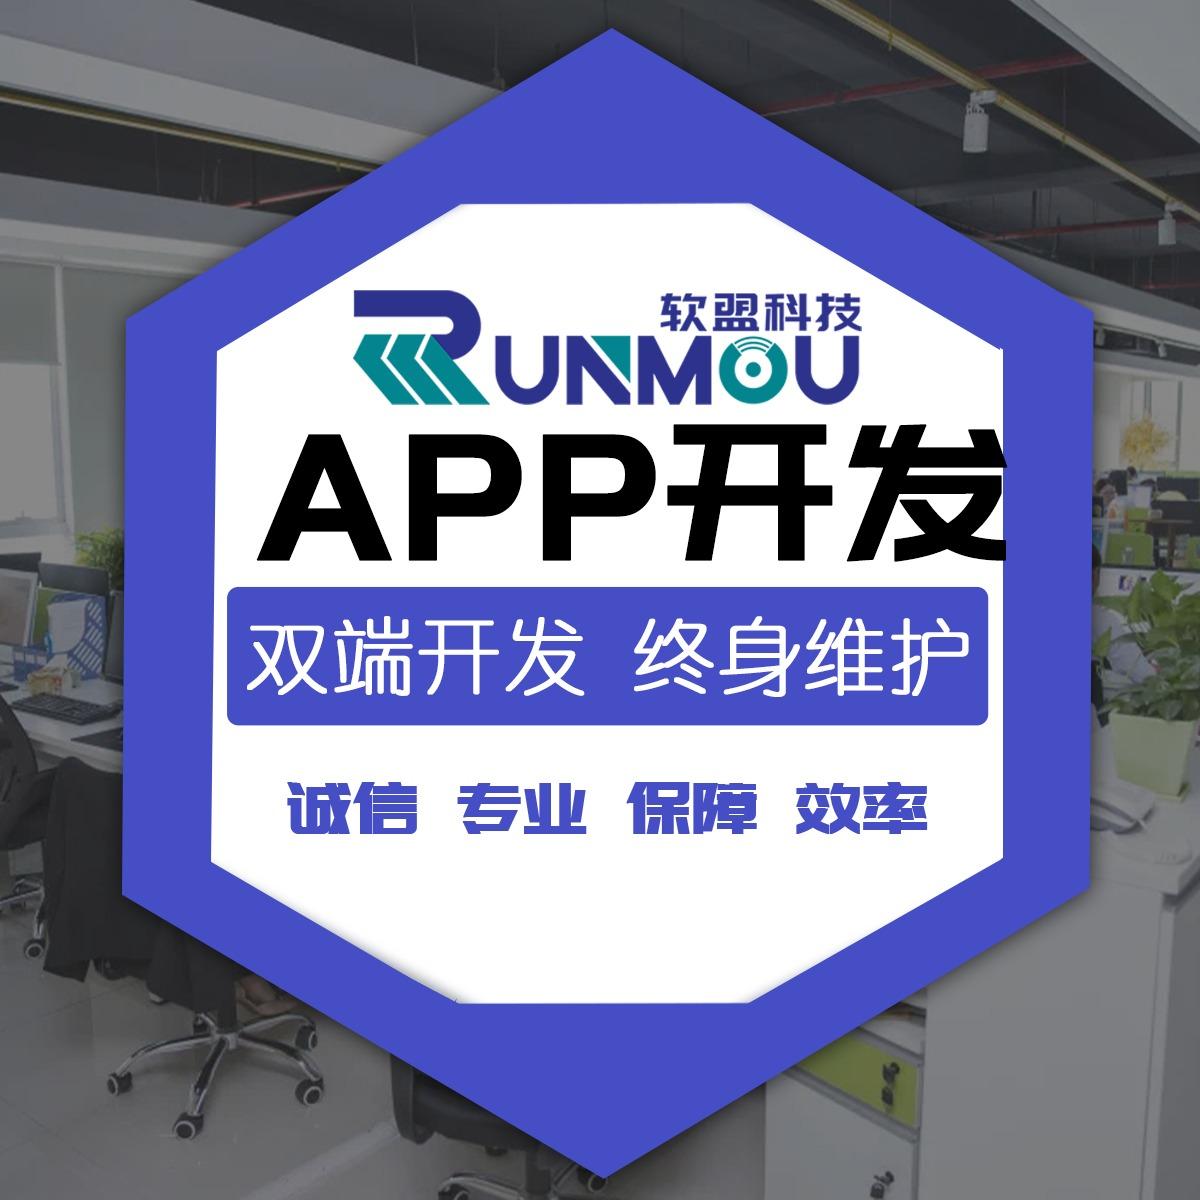 房产中介 单商户商城 app开发 企业展示 团购拼团安卓苹果